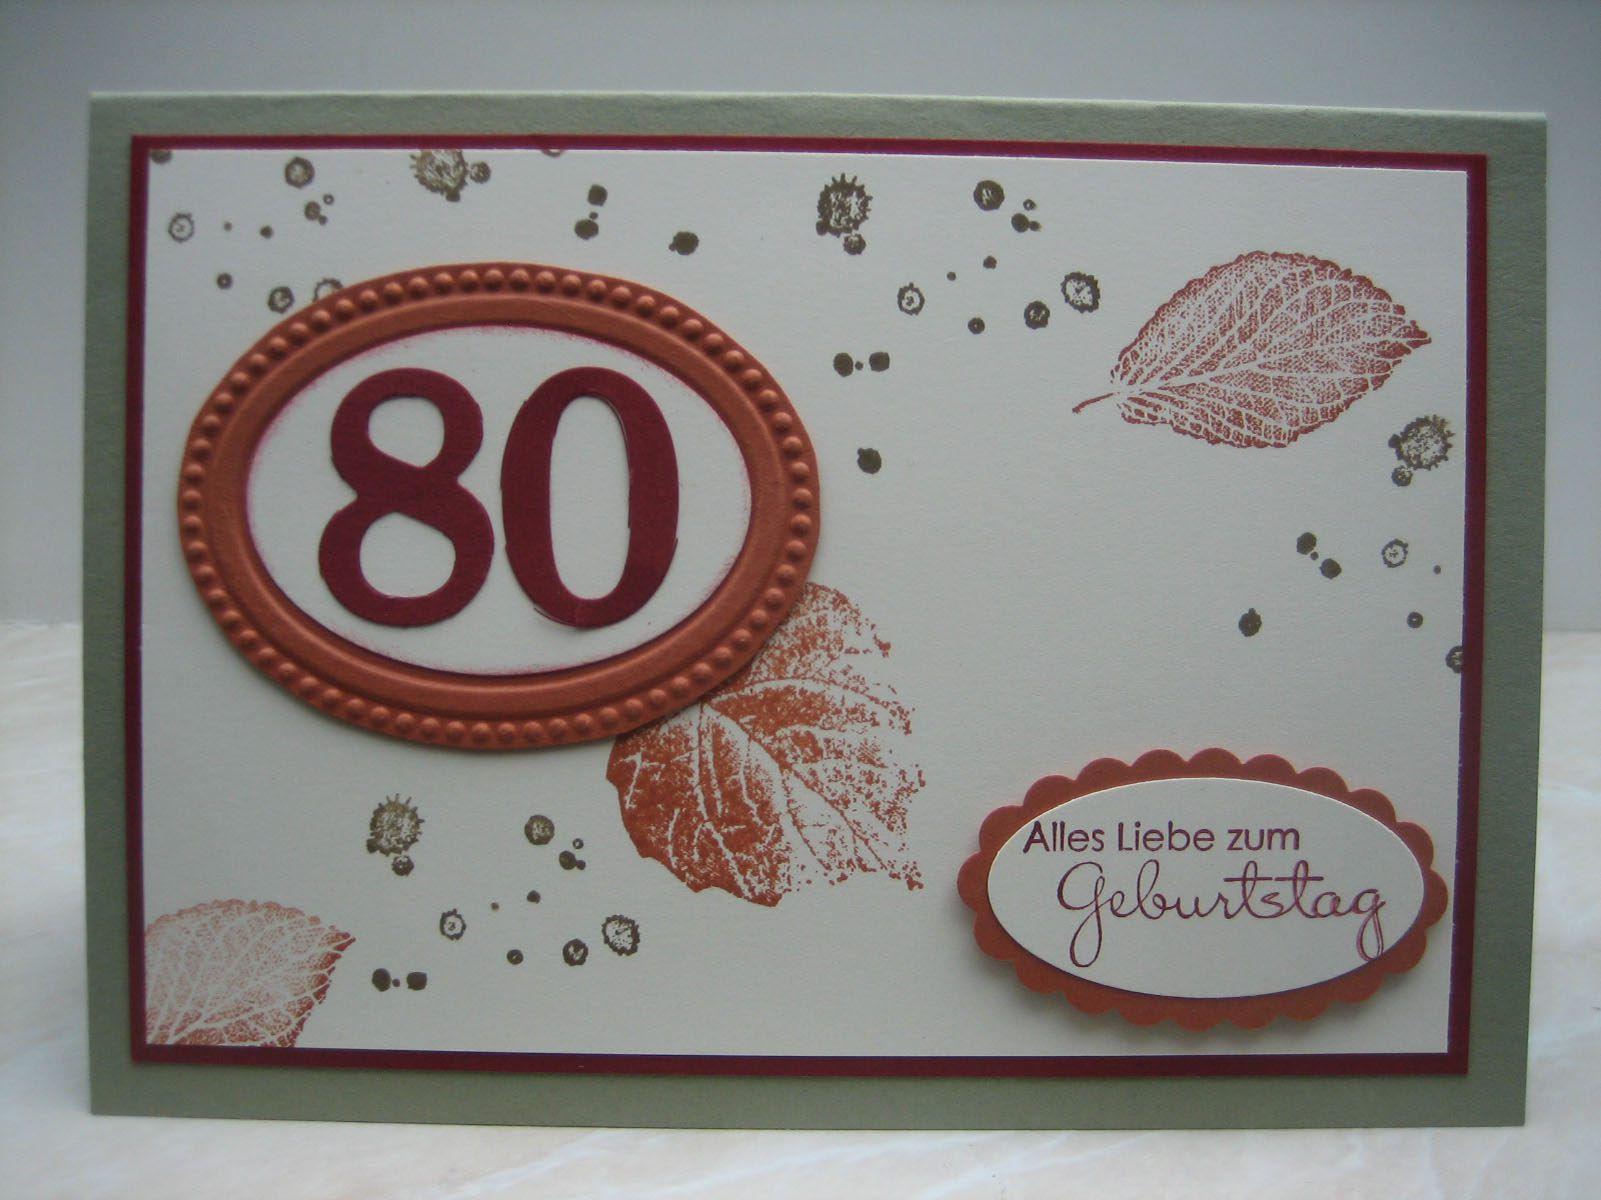 Geburtstagswünsche 80 Geburtstag  einladungskarten geburtstag einladungskarten geburtstag